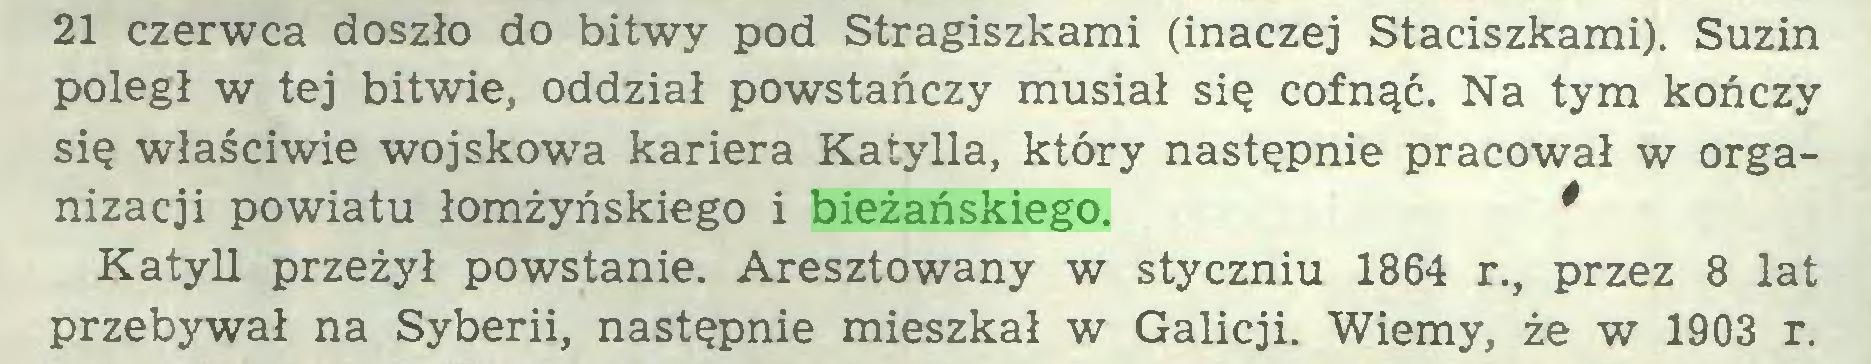 (...) 21 czerwca doszło do bitwy pod Stragiszkami (inaczej Staciszkami). Suzin poległ w tej bitwie, oddział powstańczy musiał się cofnąć. Na tym kończy się właściwie wojskowa kariera Katylla, który następnie pracował w organizacji powiatu łomżyńskiego i bieżańskiego. * Katyll przeżył powstanie. Aresztowany w styczniu 1864 r., przez 8 lat przebywał na Syberii, następnie mieszkał w Galicji. Wiemy, że w 1903 r...